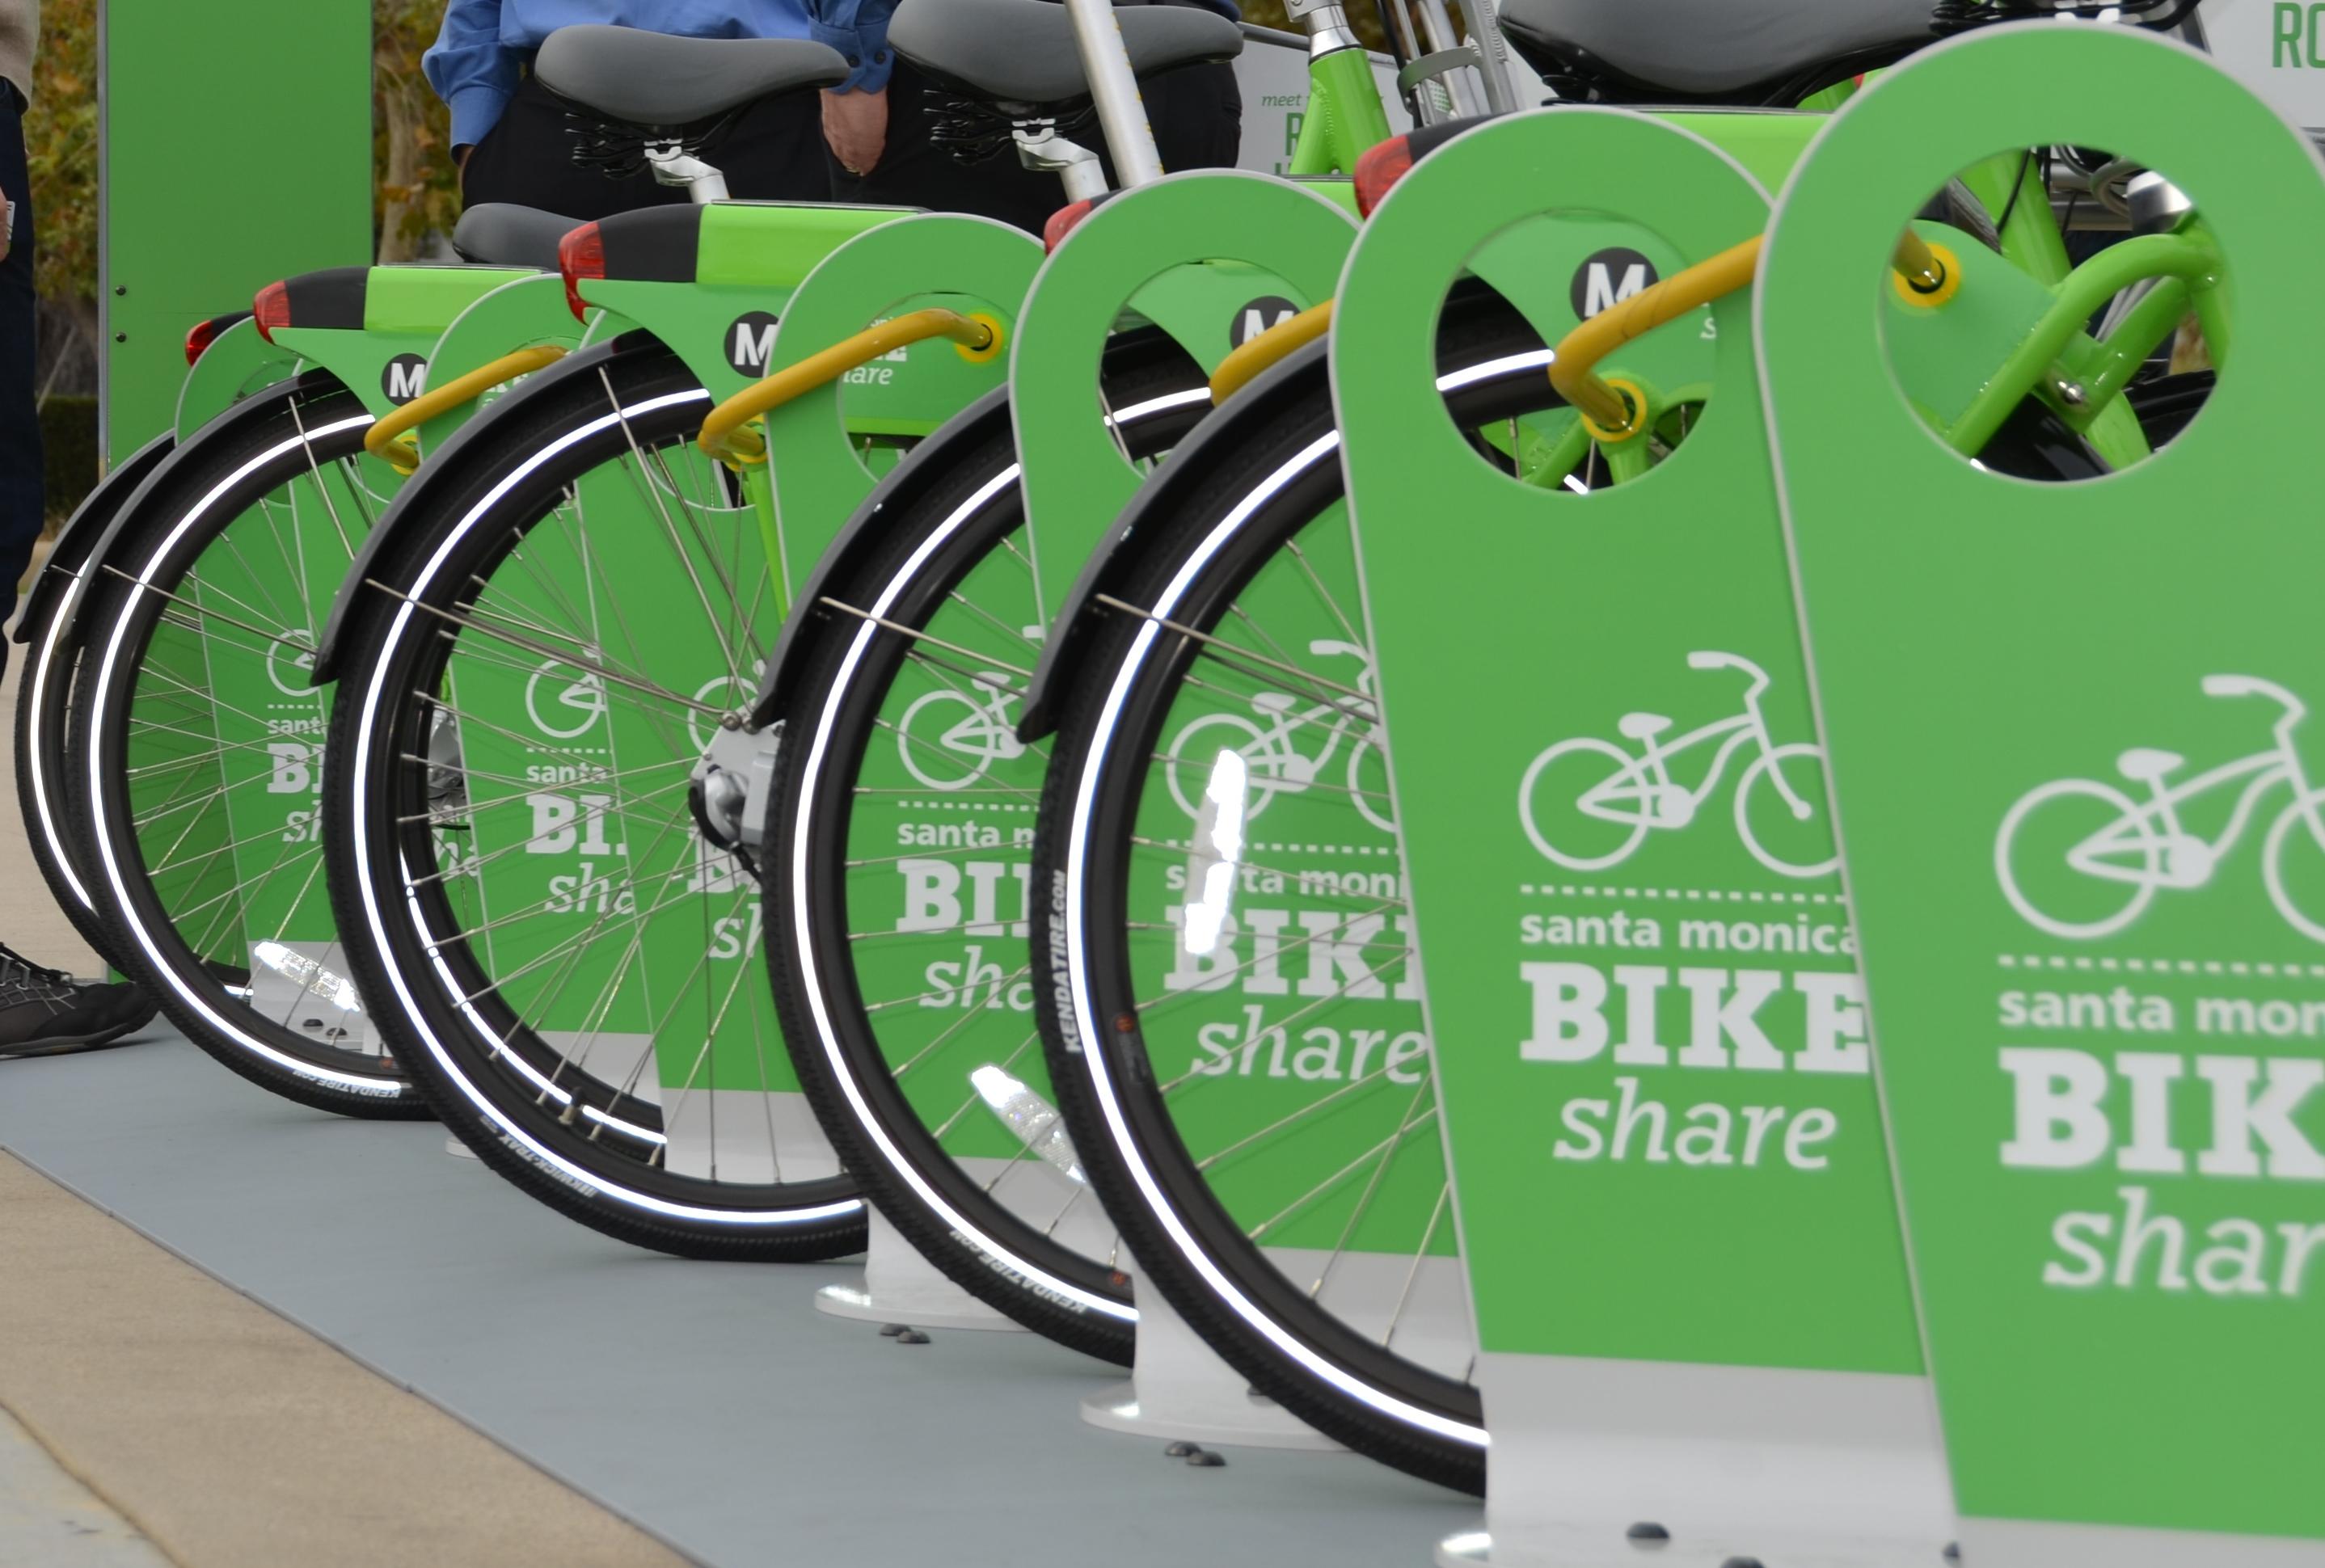 Bikeshare racks with wheels